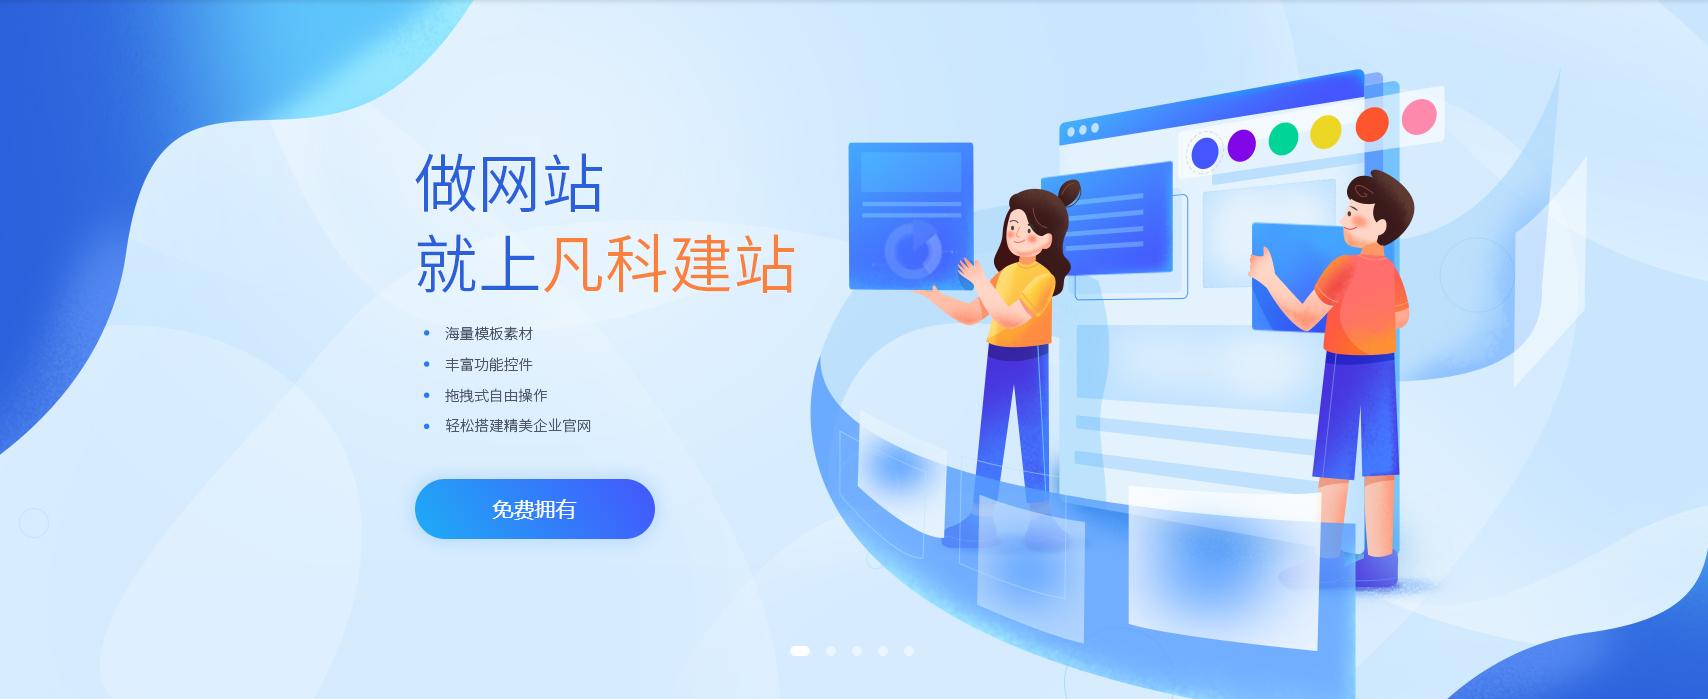 如何建立行业网站